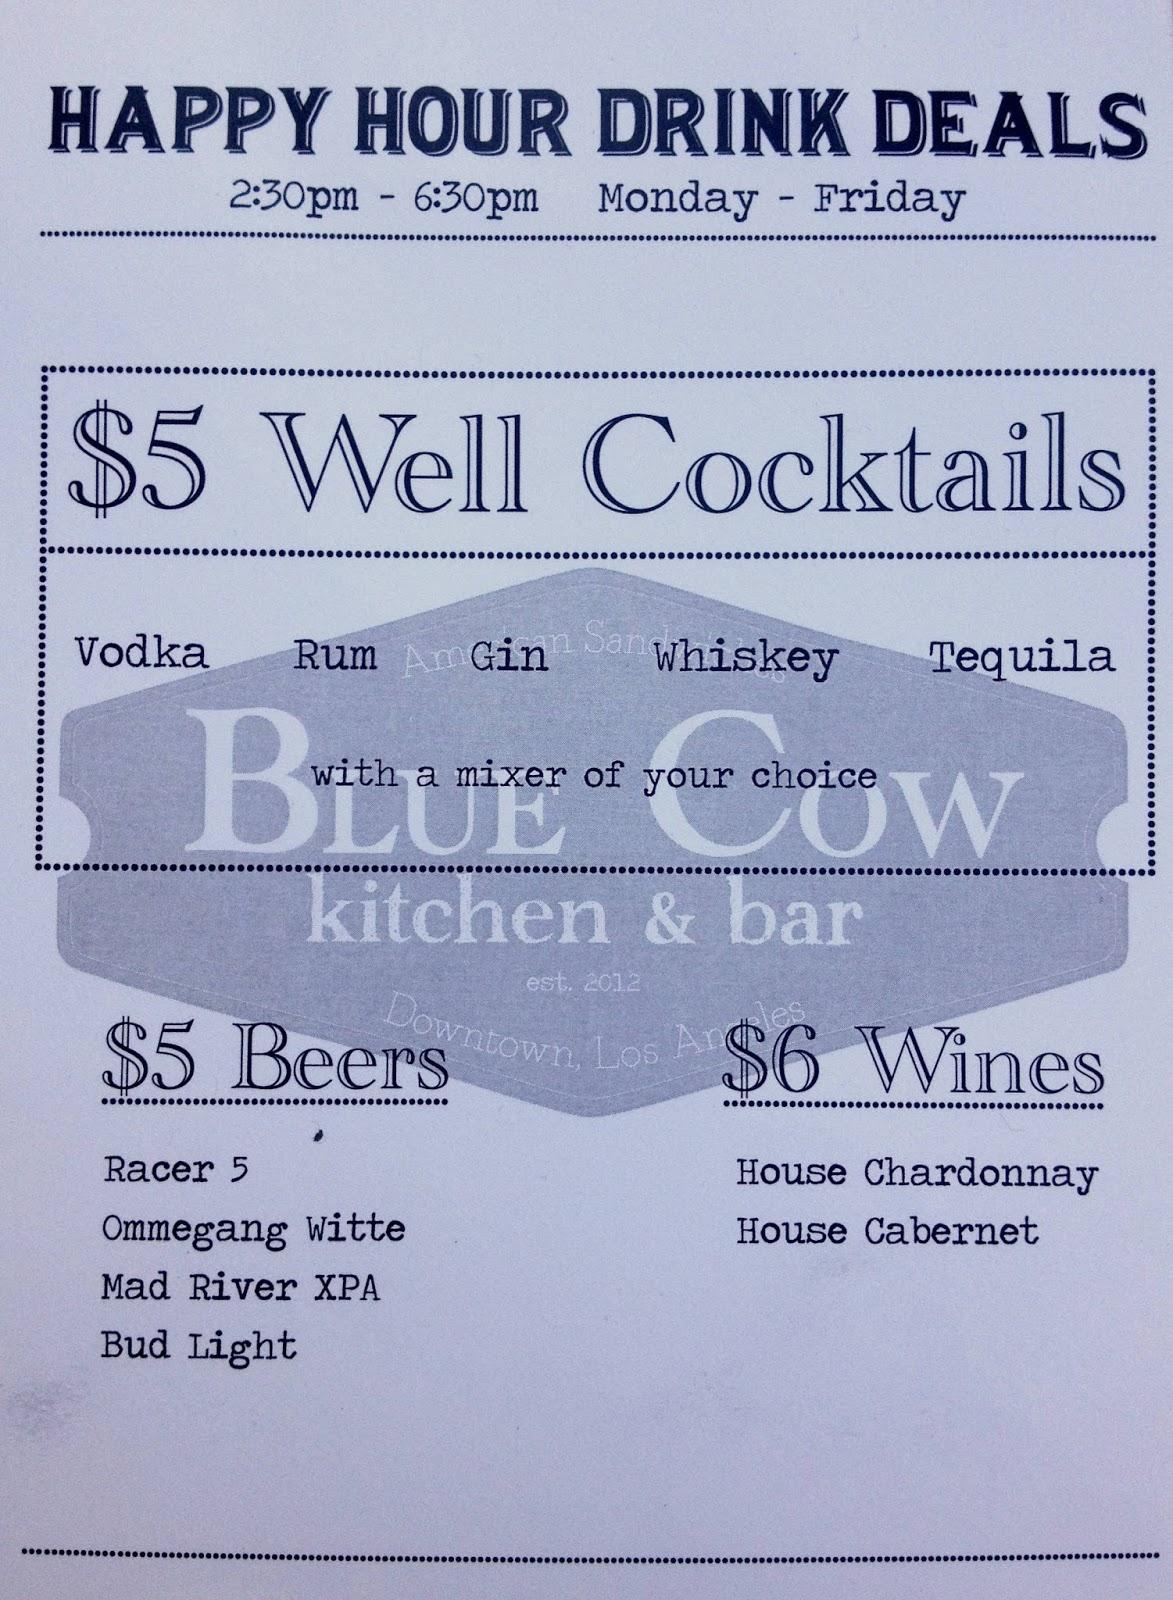 Blue Cow Kitchen And Bar Vixens La Happy Hours Blue Cow Kitchen Bar